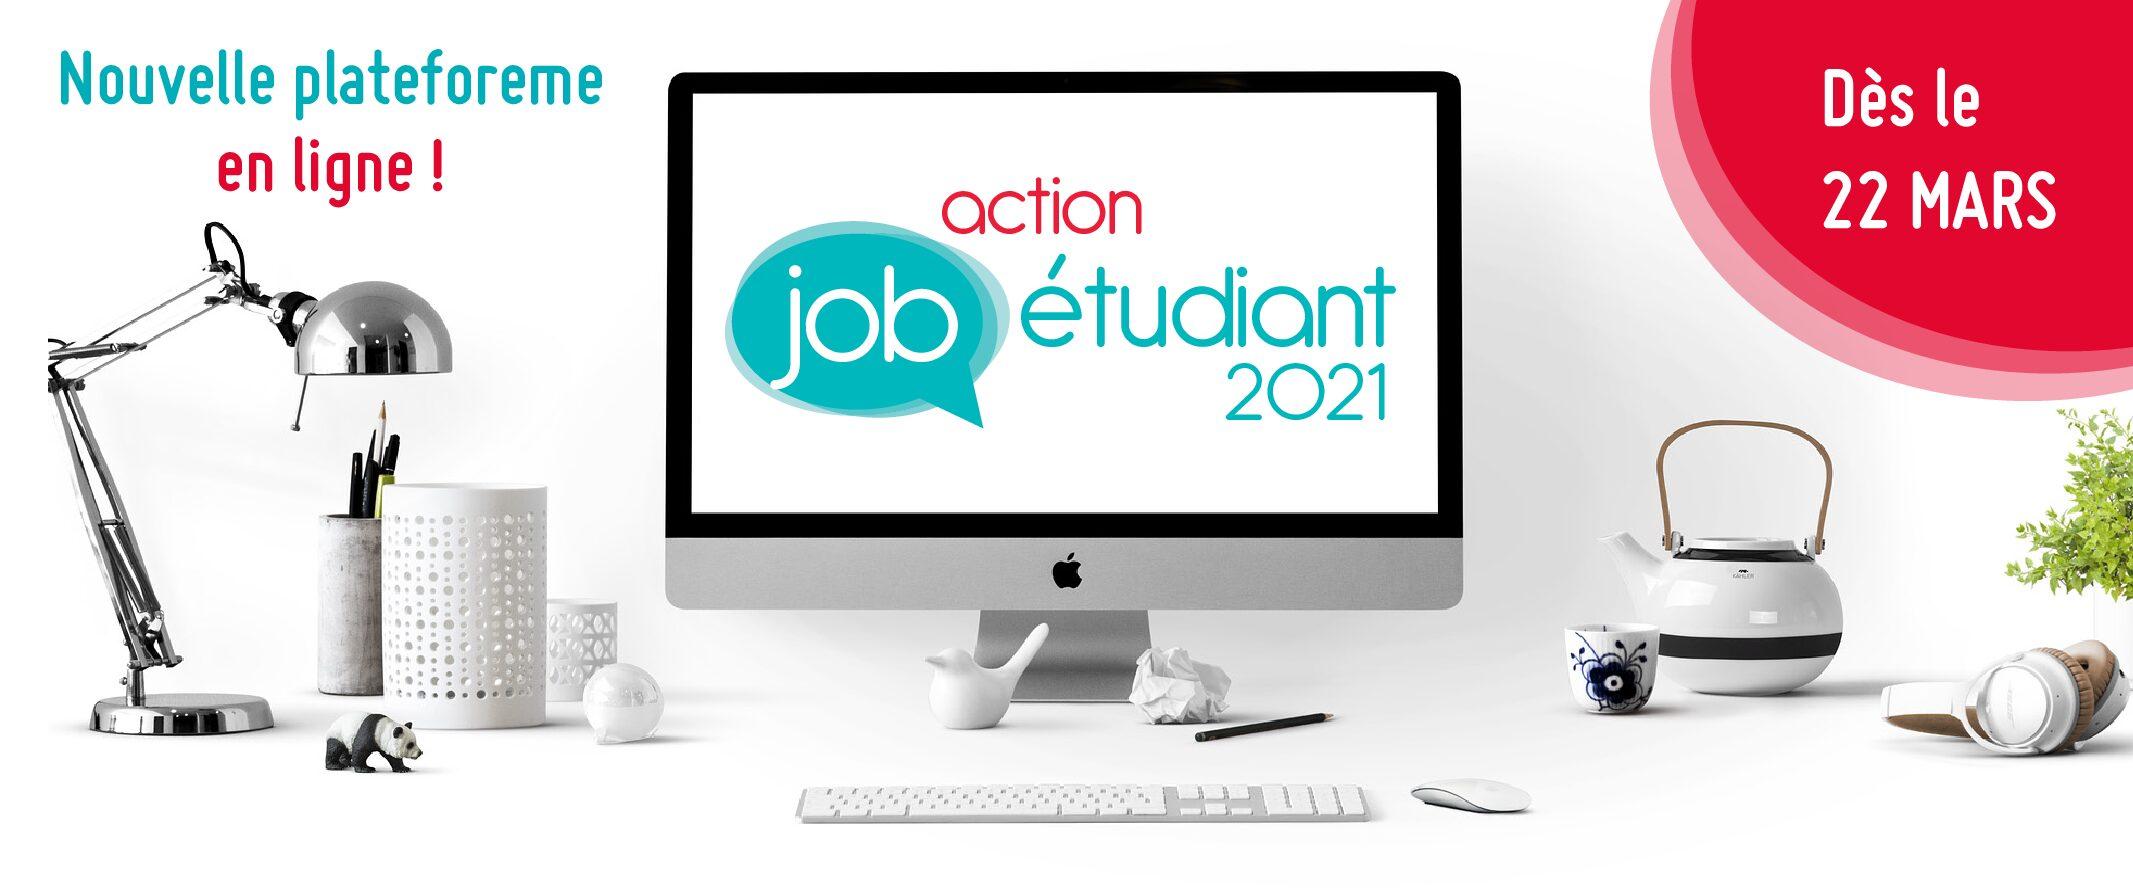 Action Job Etudiant 2021 – Nouvelle formule !